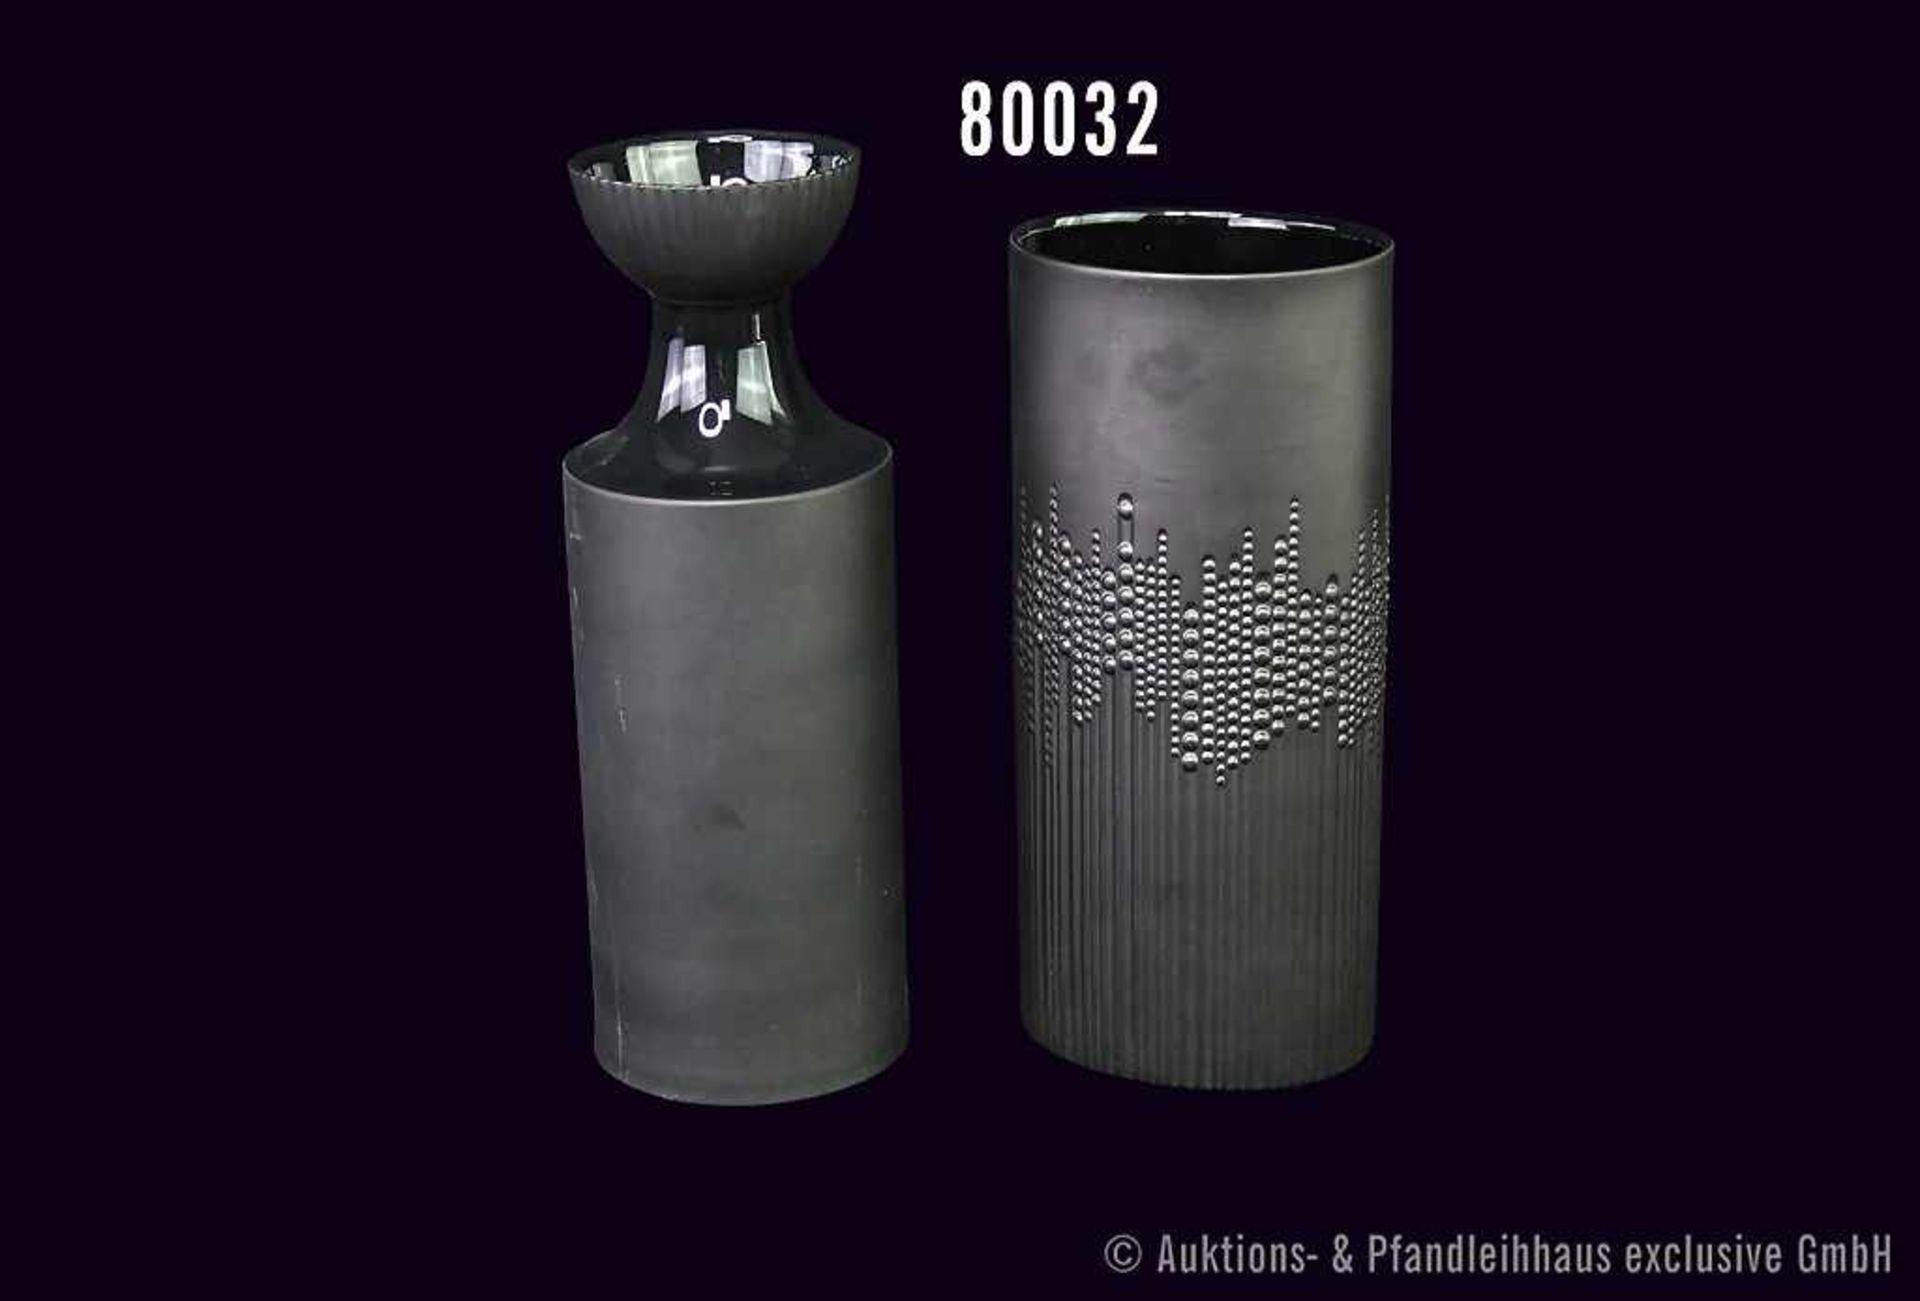 Konv. 2 Rosenthal Porzellan Vasen, schwarz, beide von Tapio Wirkkala, 1 x ca. 1970er Jahre, Nr.